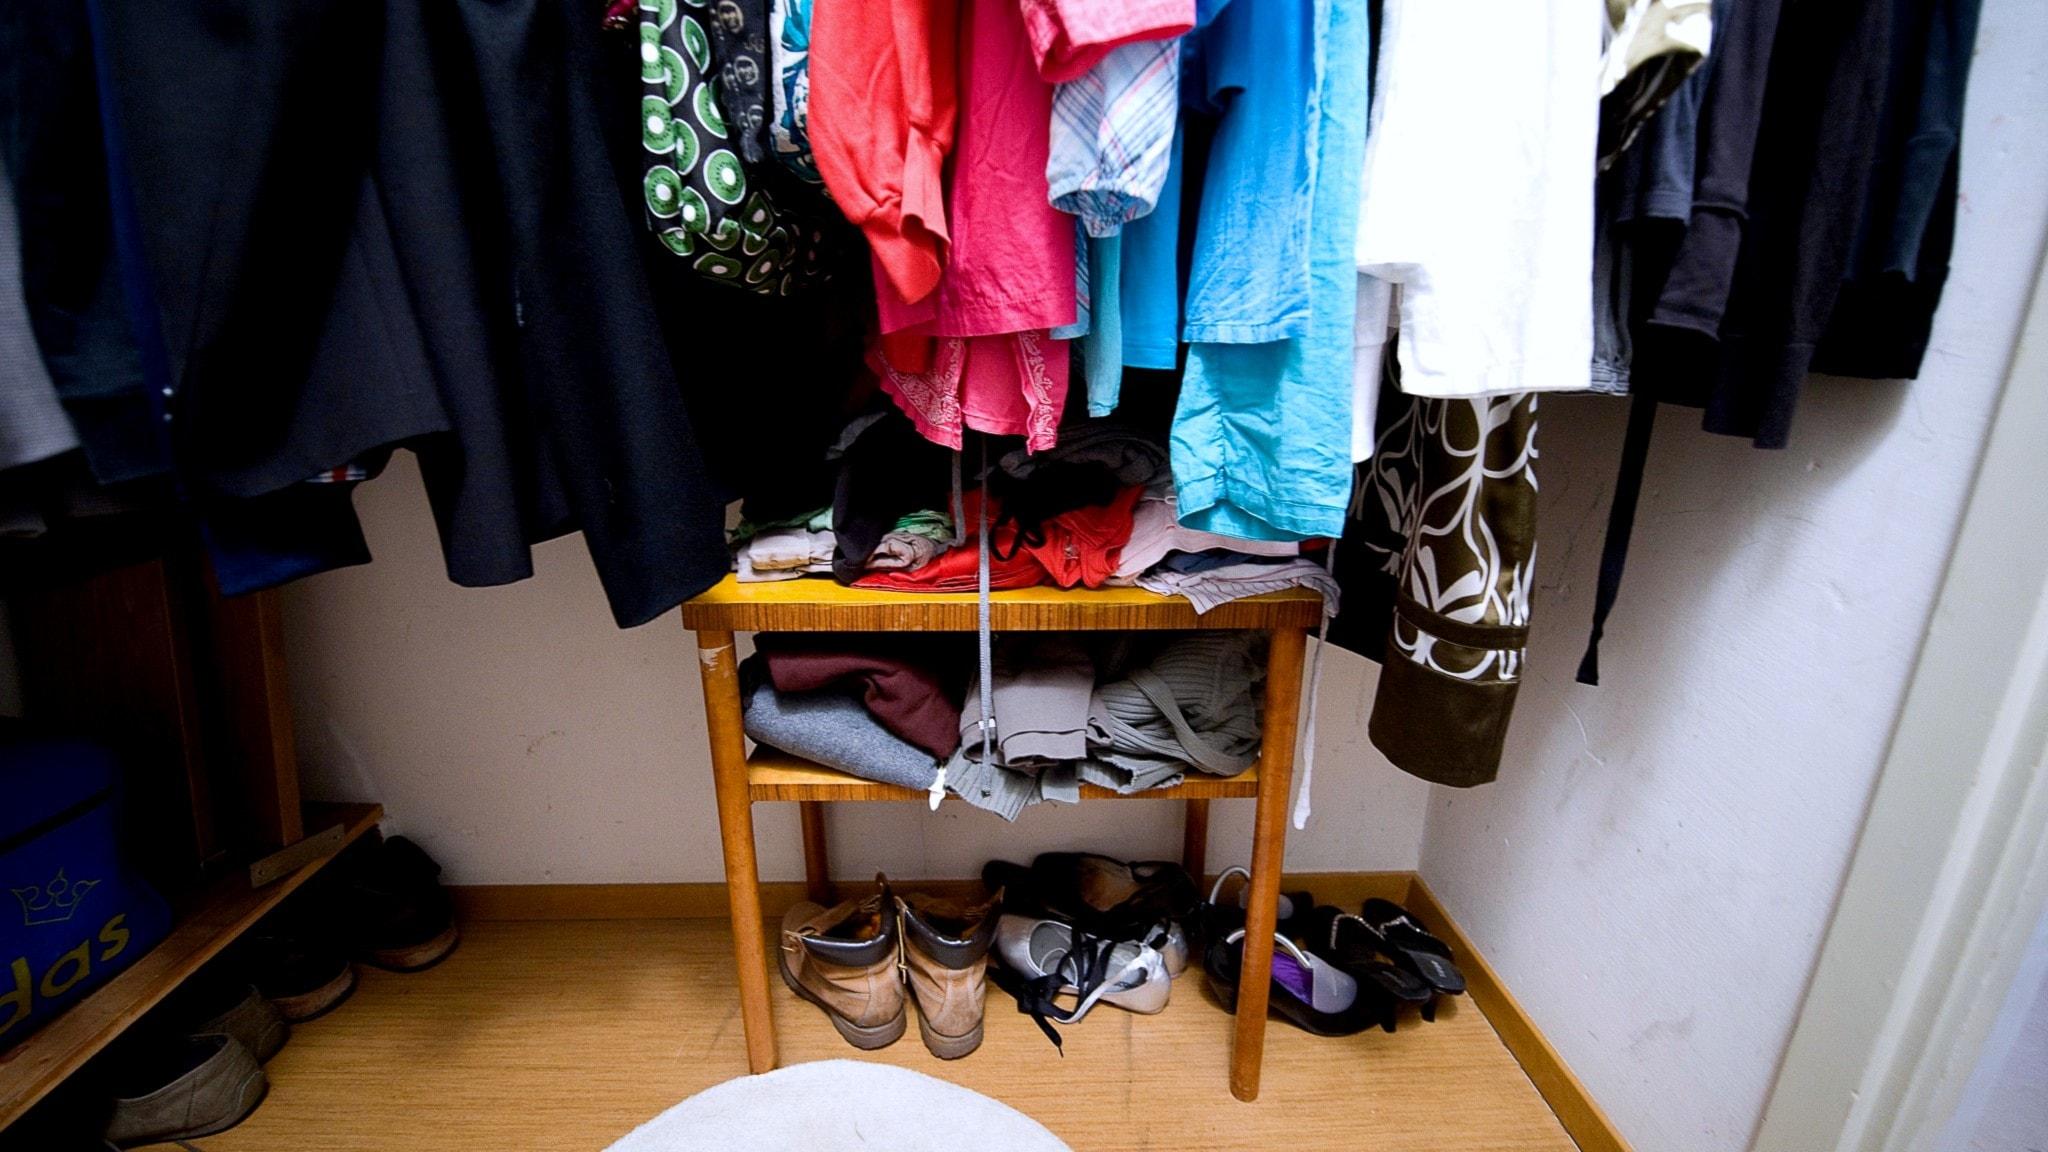 Framtidens garderob – ska vi äga, hyra, byta eller sälja våra kläder?